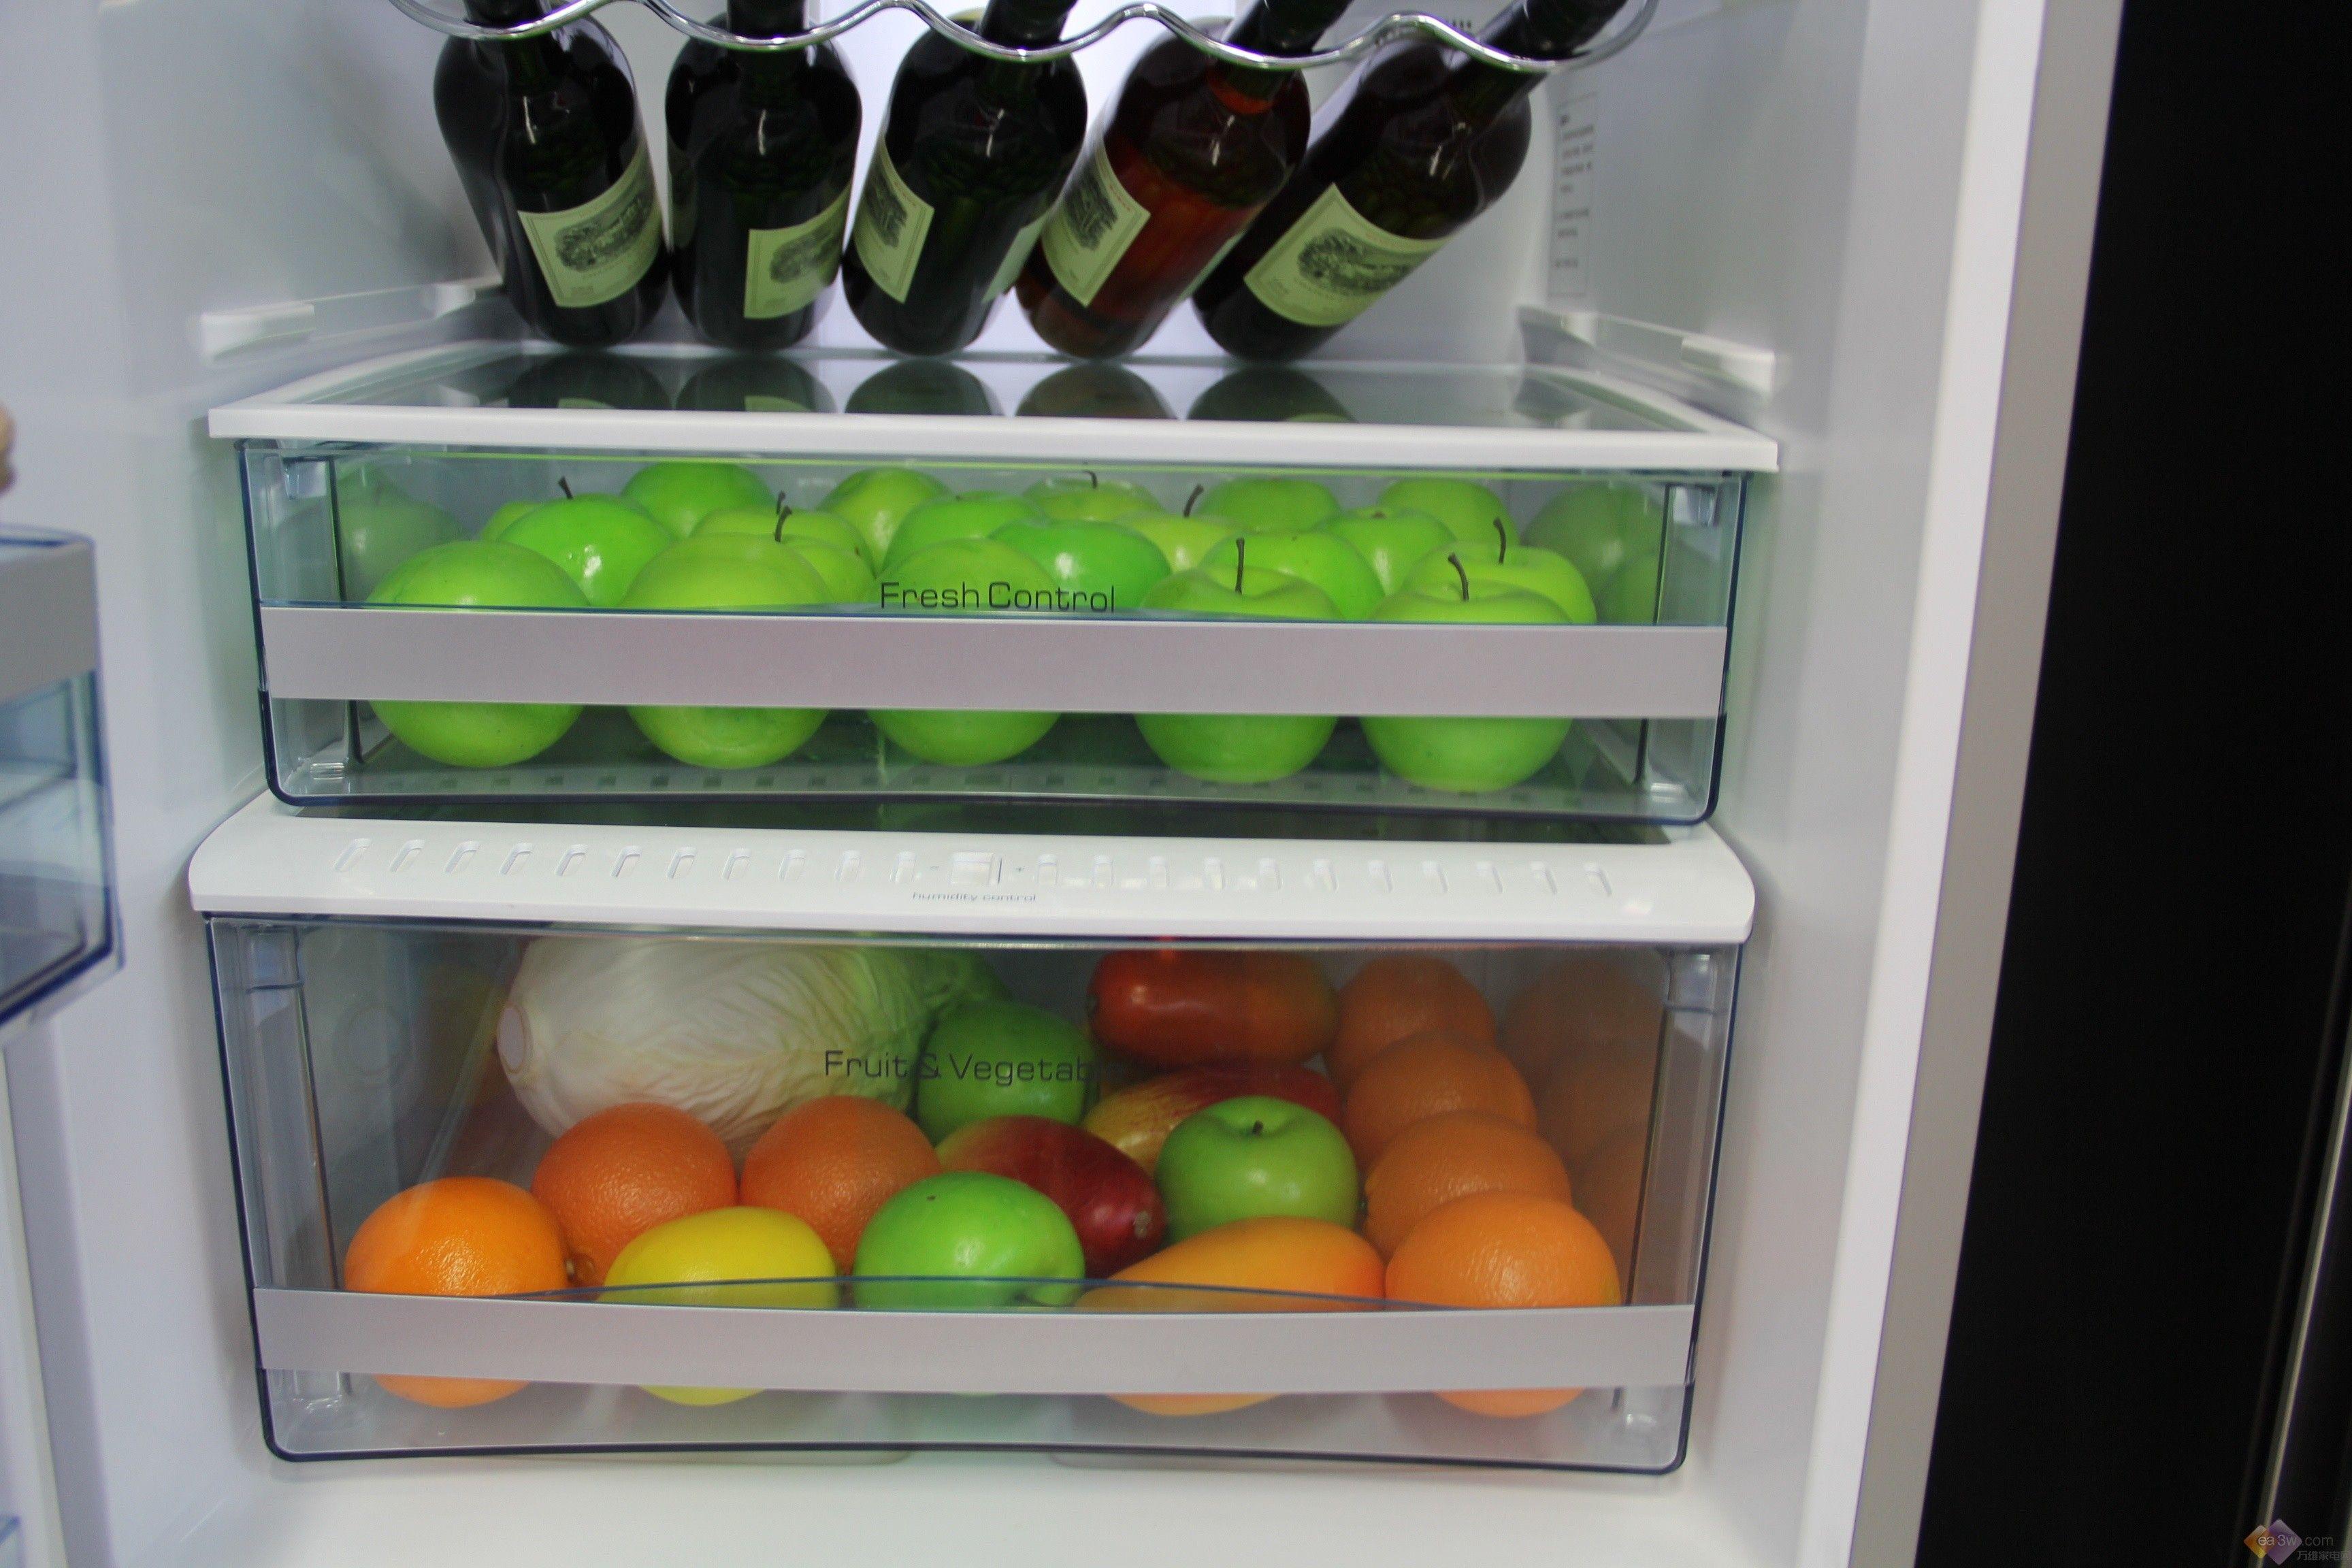 卡萨帝作为海尔旗下的高端品牌,一直专注于打造高端产品,其推出的多款卡萨帝冰箱,均是价格不菲,却又吸引着消费者的关注。今天,小编就给大家推荐这款卡萨帝BCD-318WSCV冰箱。  卡萨帝BCD-318WSCV冰箱采用欧式白色外观设计,配以纹饰,简约不凡一览无遗;面板上配以触摸式按键和液晶显示屏,天衣无缝的融合,各种功能选择和设置方便快捷。  冰箱冷藏室内装有通透式LED照明灯,冷光源,高亮度,全方位无死角照明;它配有一个可调节酒架,满足用户储放酒类的需求,人性化设计由此得以彰显;搁架可上下移动,不同大小的